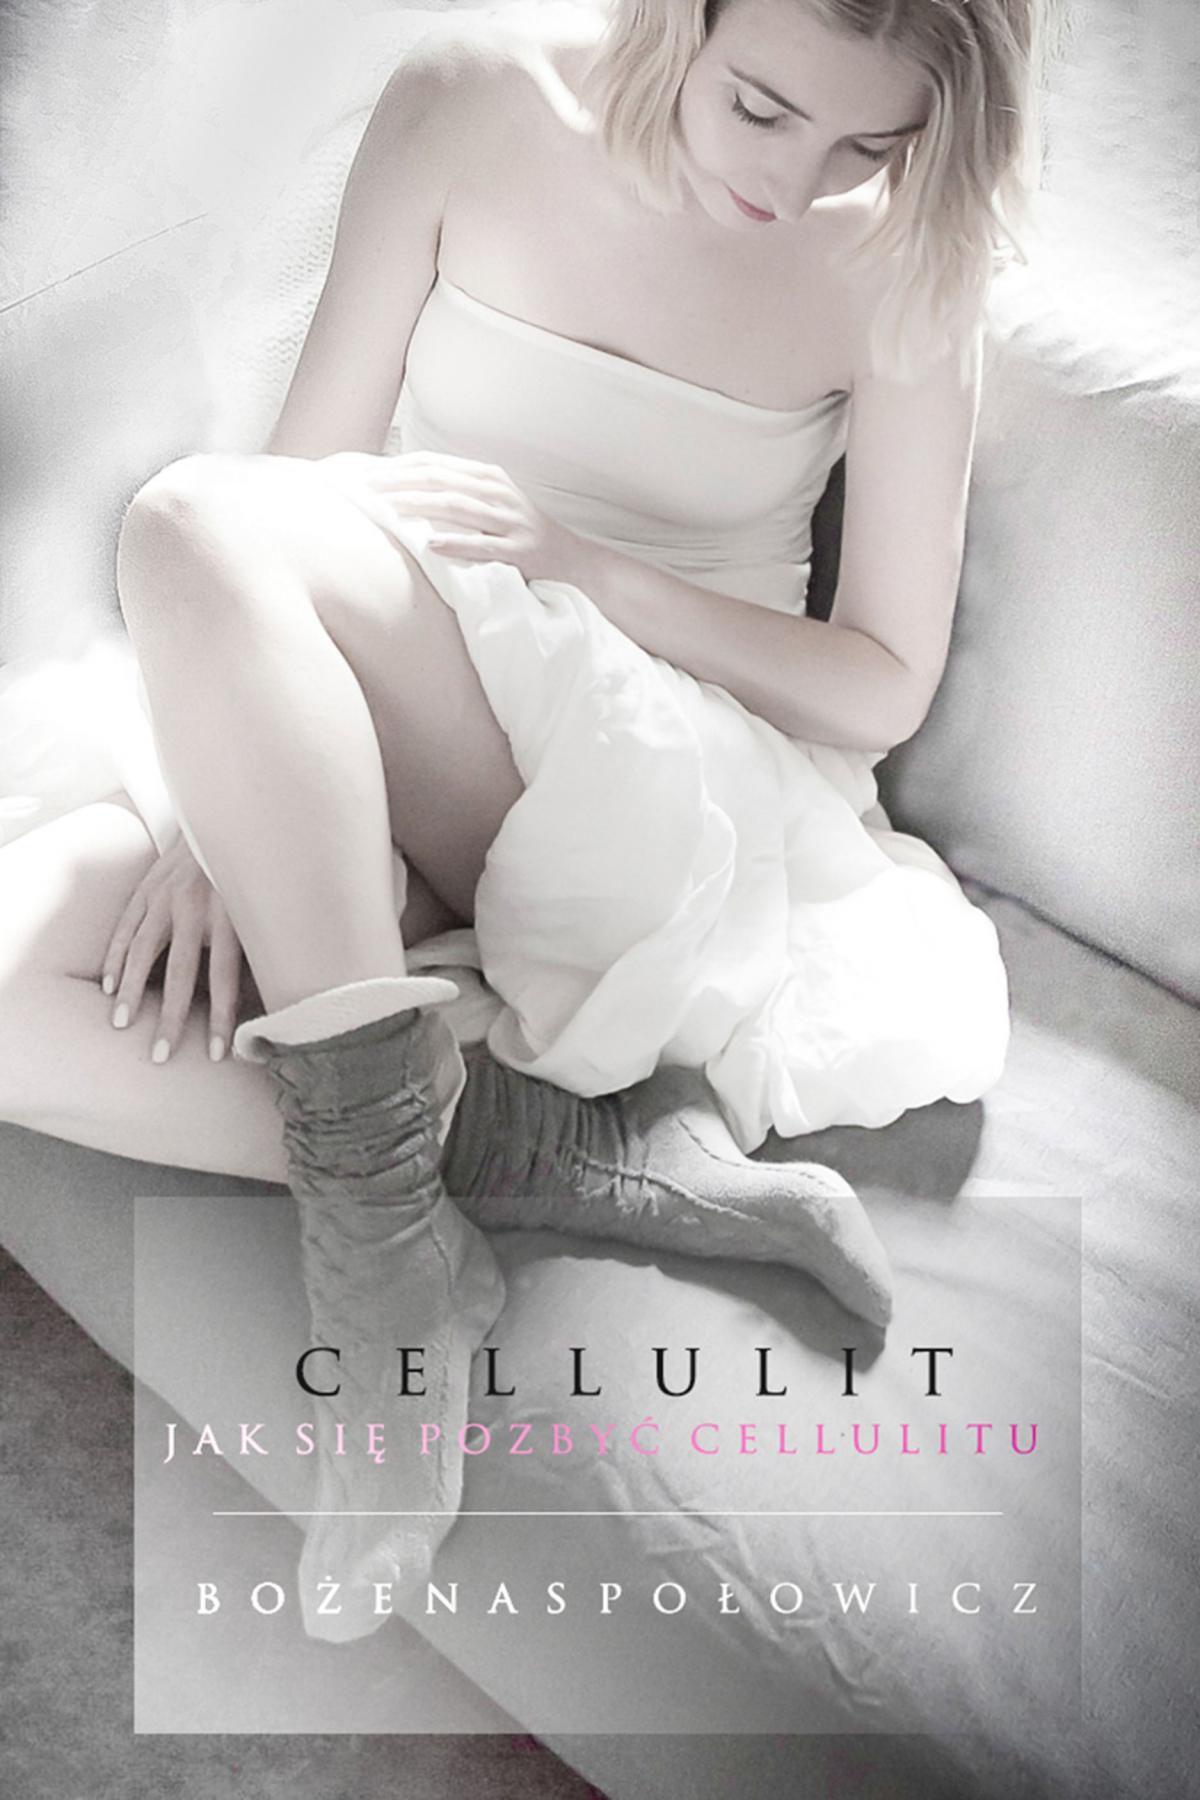 Cellulit. Jak się pozbyć cellulitu - Ebook (Książka EPUB) do pobrania w formacie EPUB